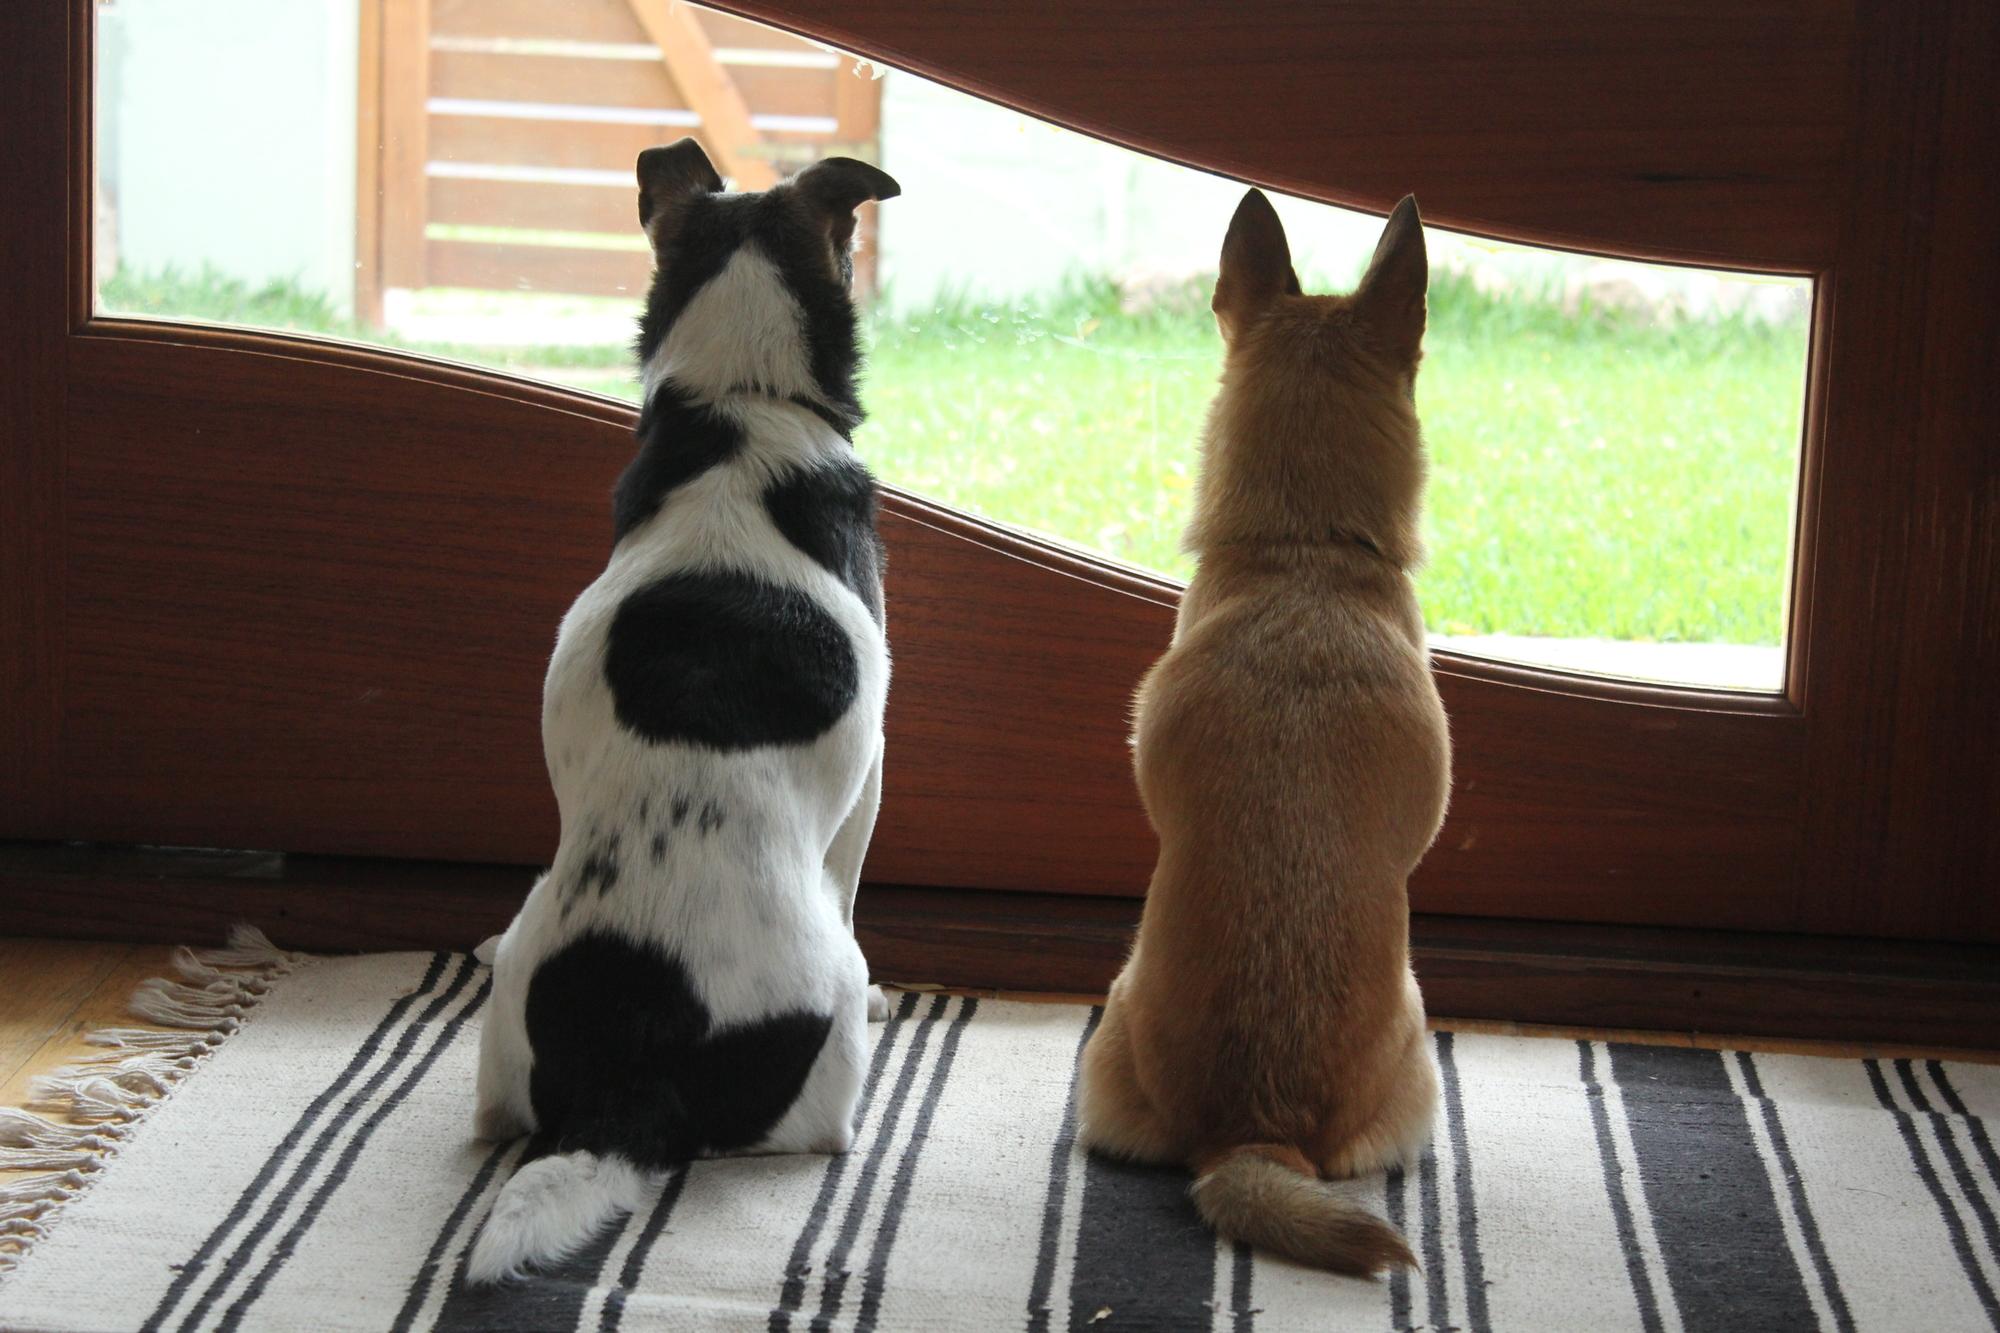 犬の留守番前後のおやつの与え方~帰ってからあげる?出発前にあげる?